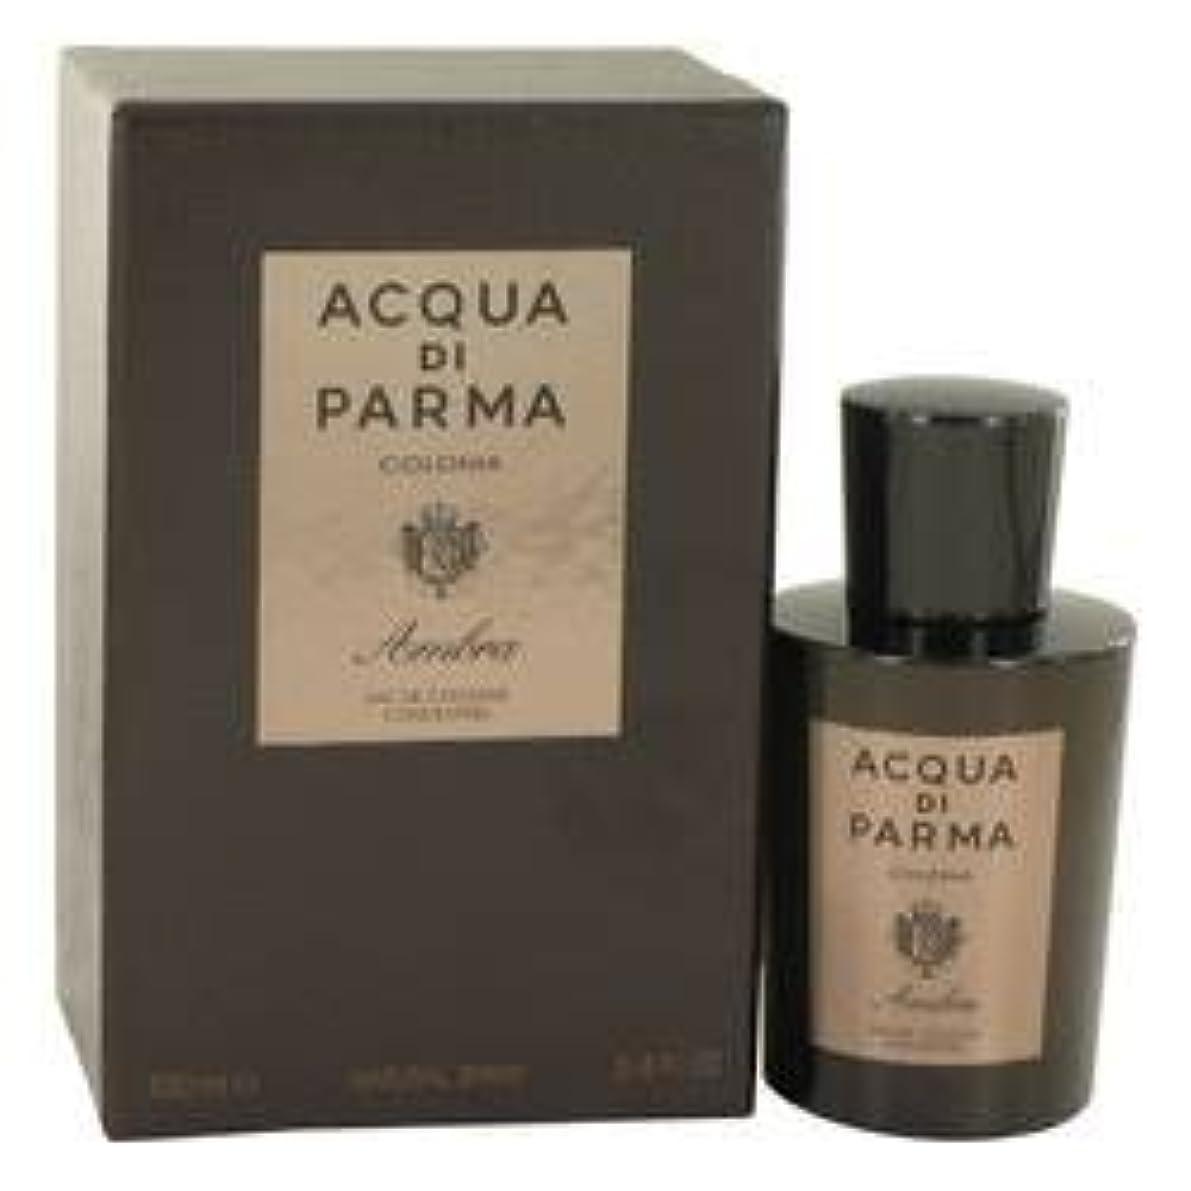 単なるストライク剥離Acqua Di Parma Colonia Ambra Eau De Cologne Concentrate Spray By Acqua Di Parma